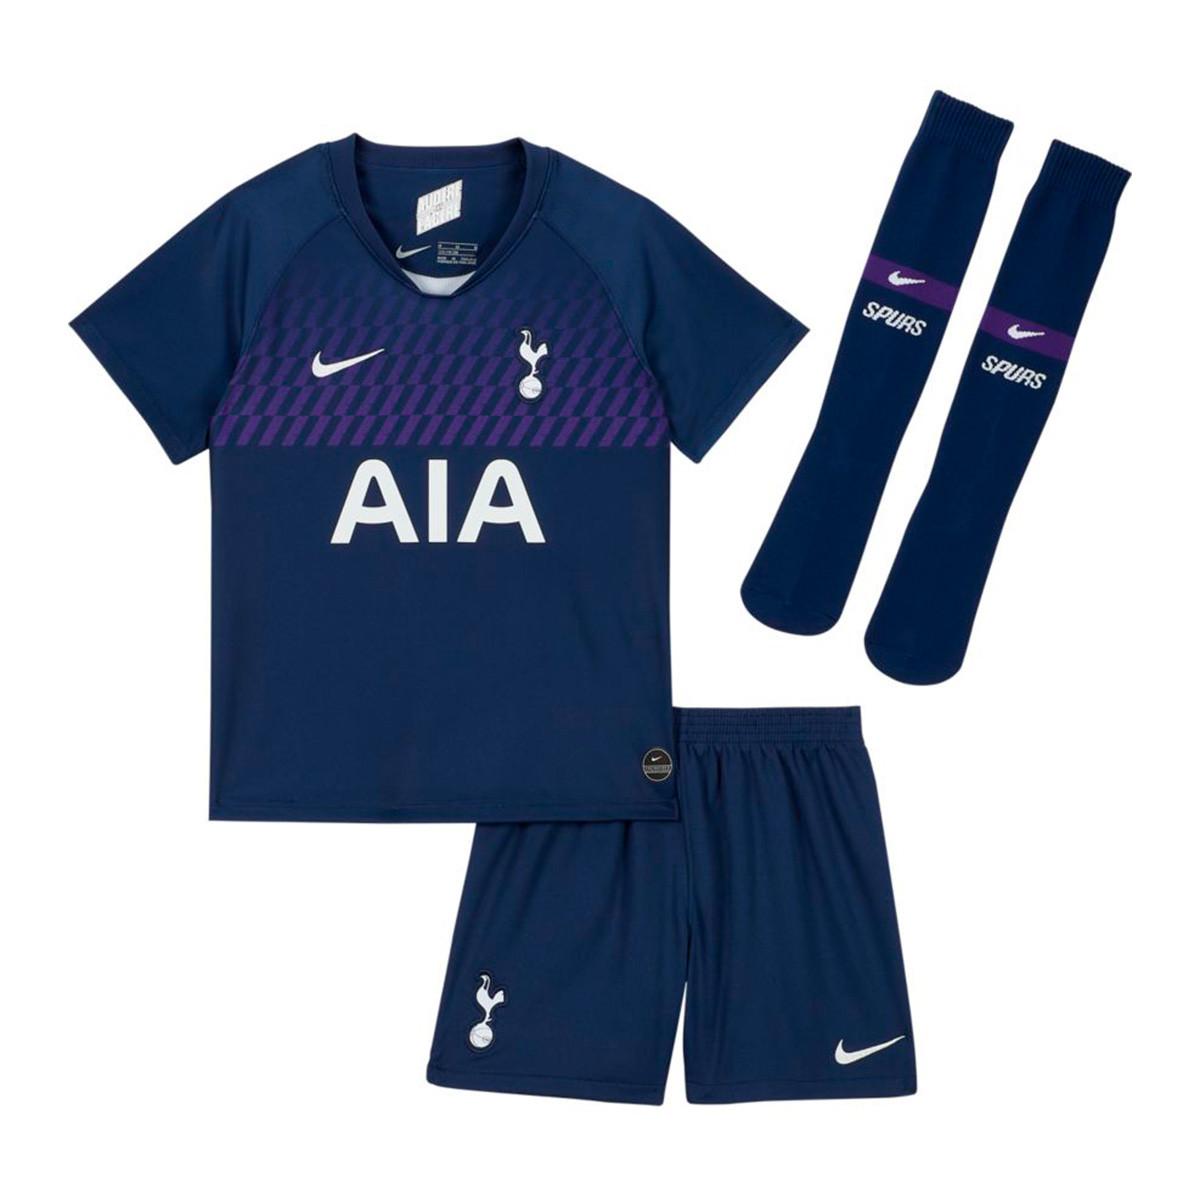 Conjunto Nike Tottenham Hotspur Breathe Equipamento B 2019 2020 Criança